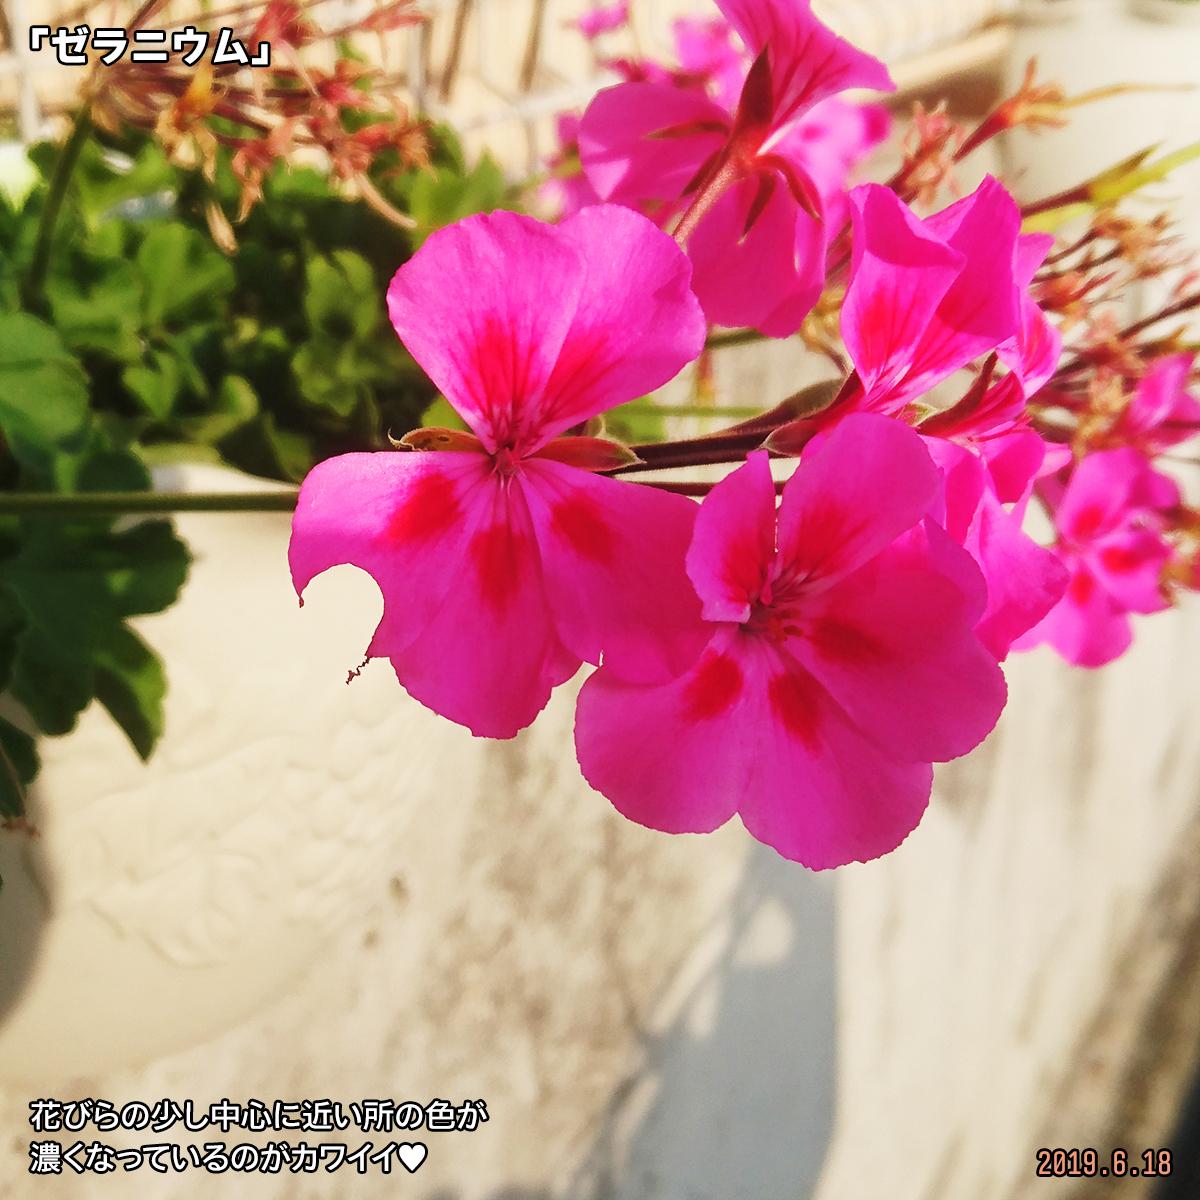 DSC_0827_20190711172311c30.jpg